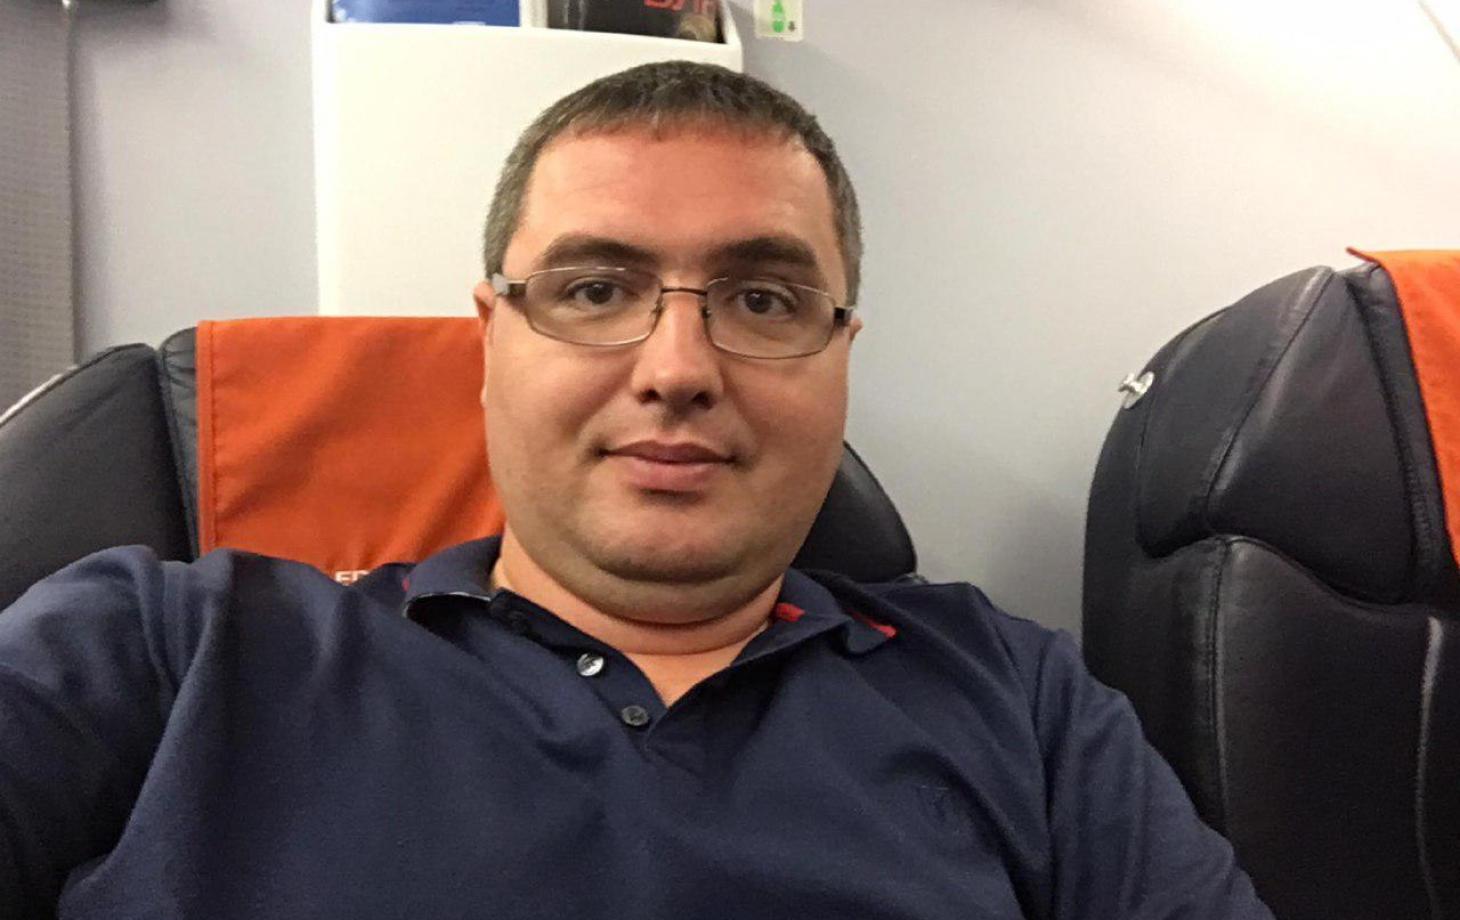 Ренато Усатый сообщил, что хотел бы прилететь в Кишинёв